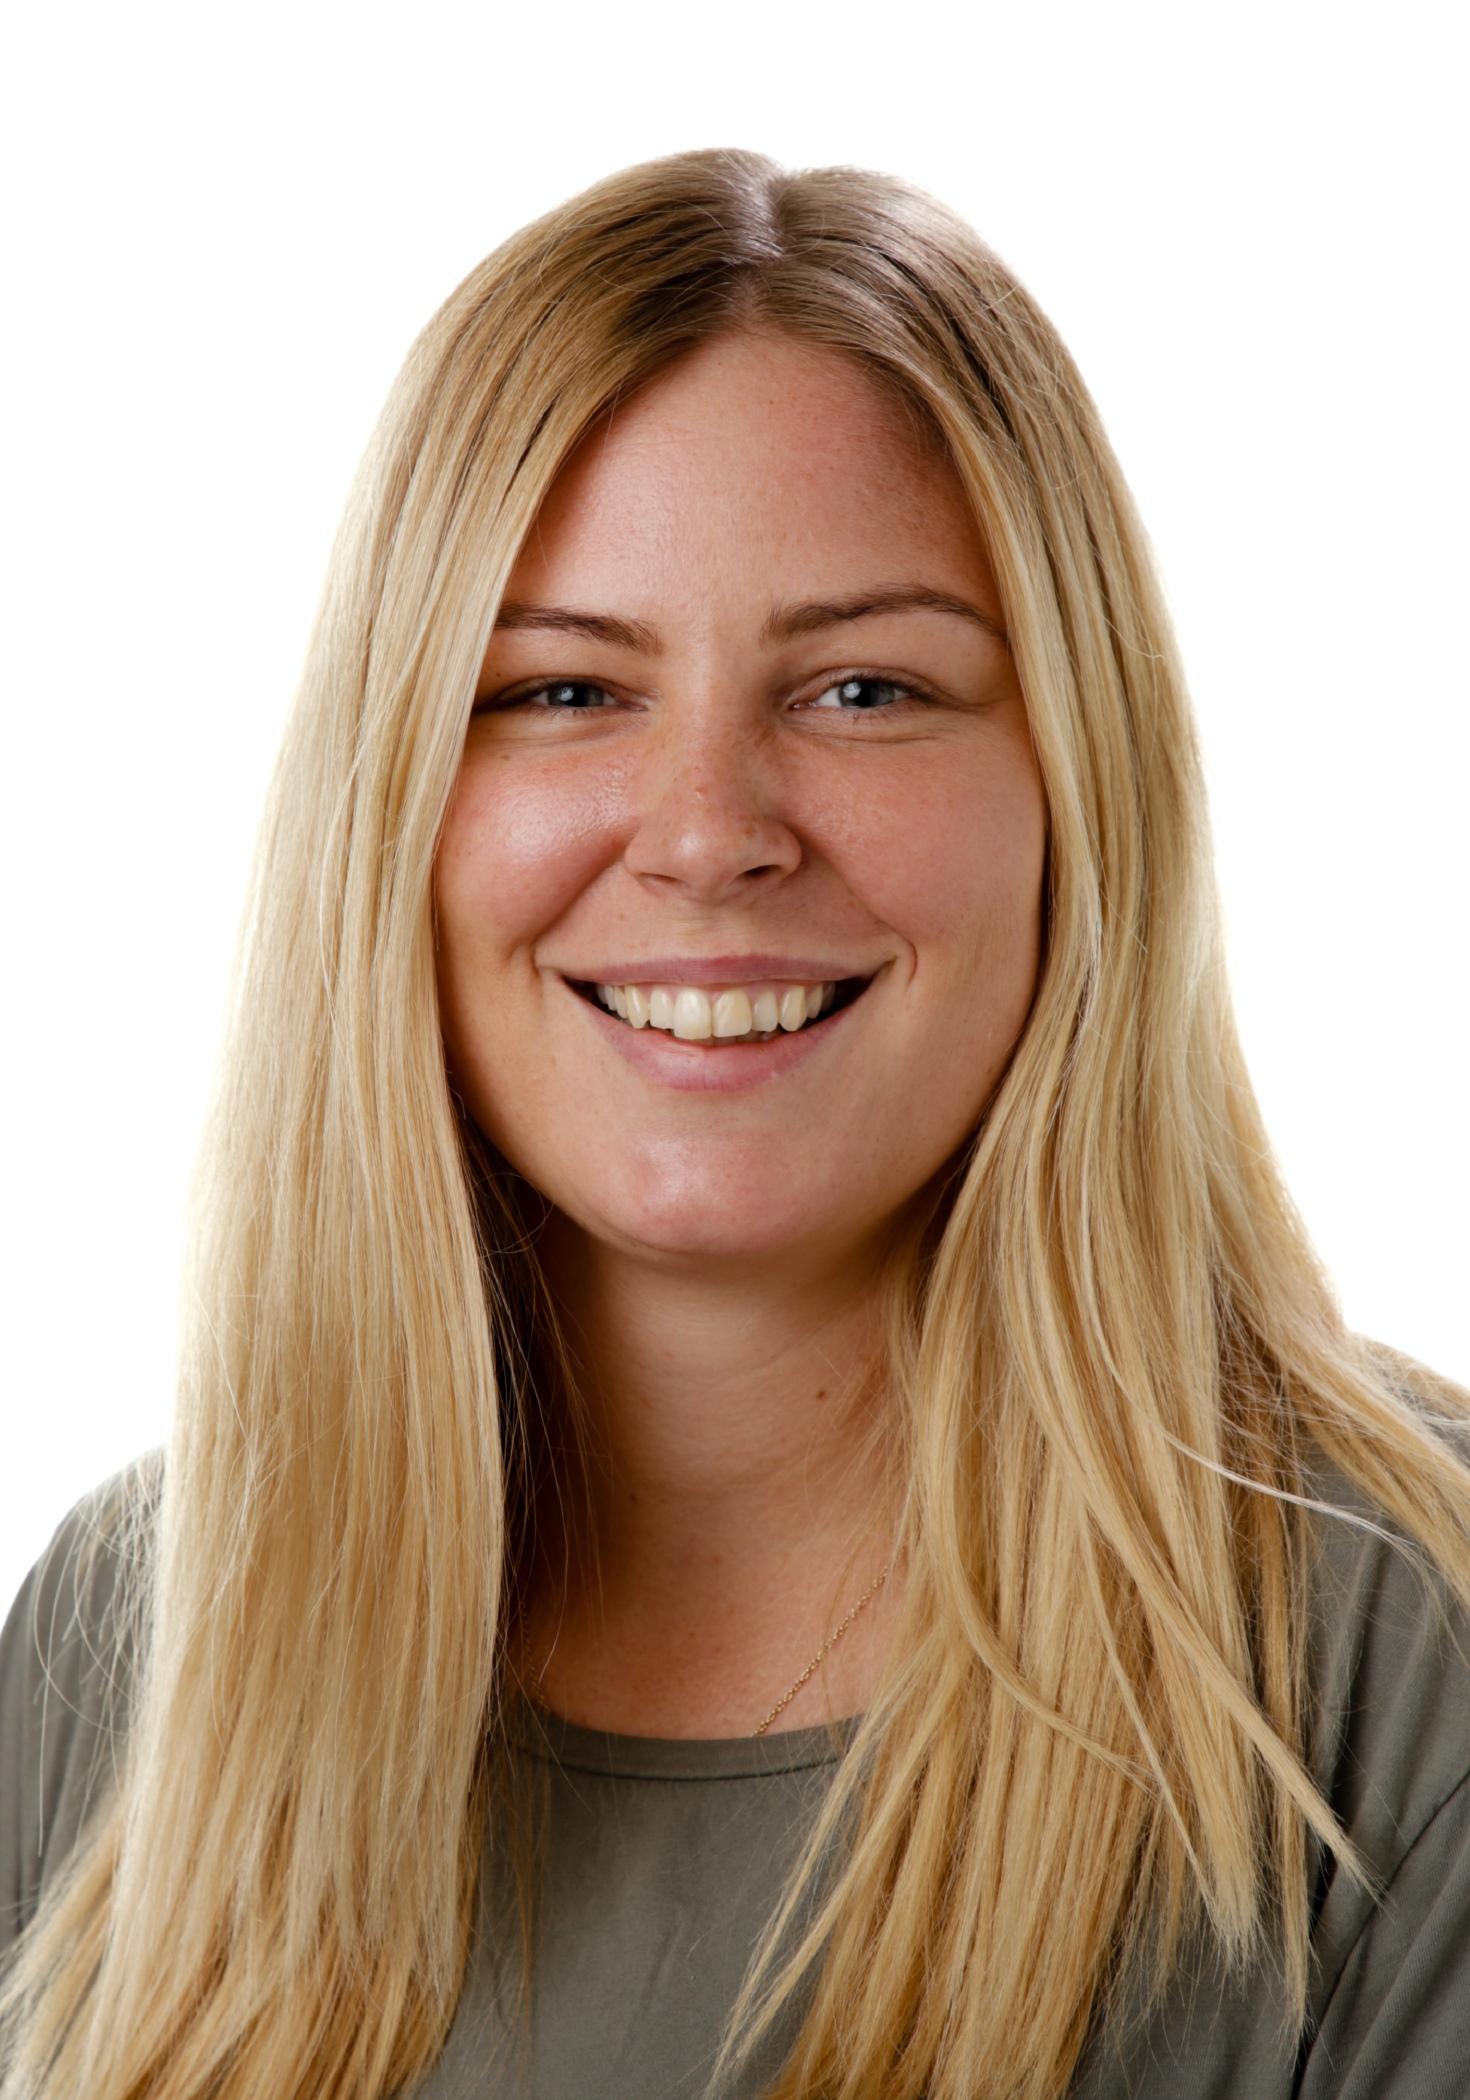 Lærer, Tanna Hylsenberg